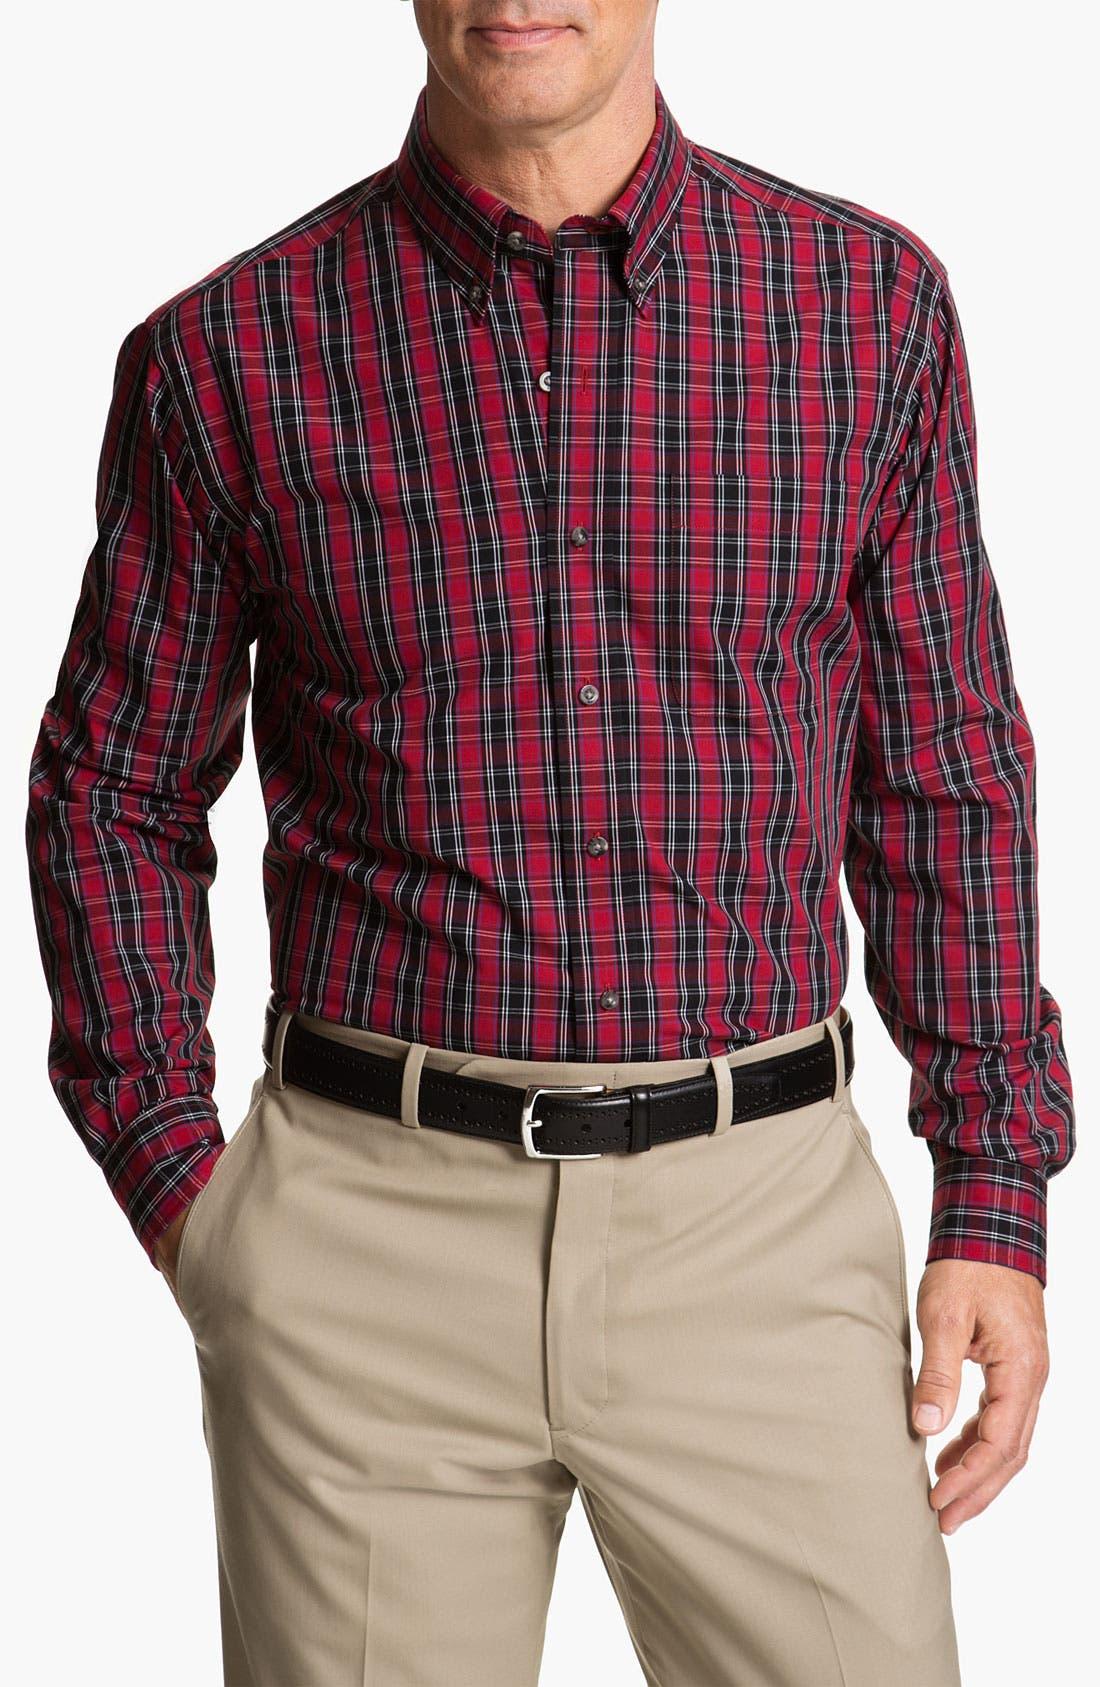 Alternate Image 1 Selected - Cutter & Buck 'Matterhorn' Plaid Sport Shirt